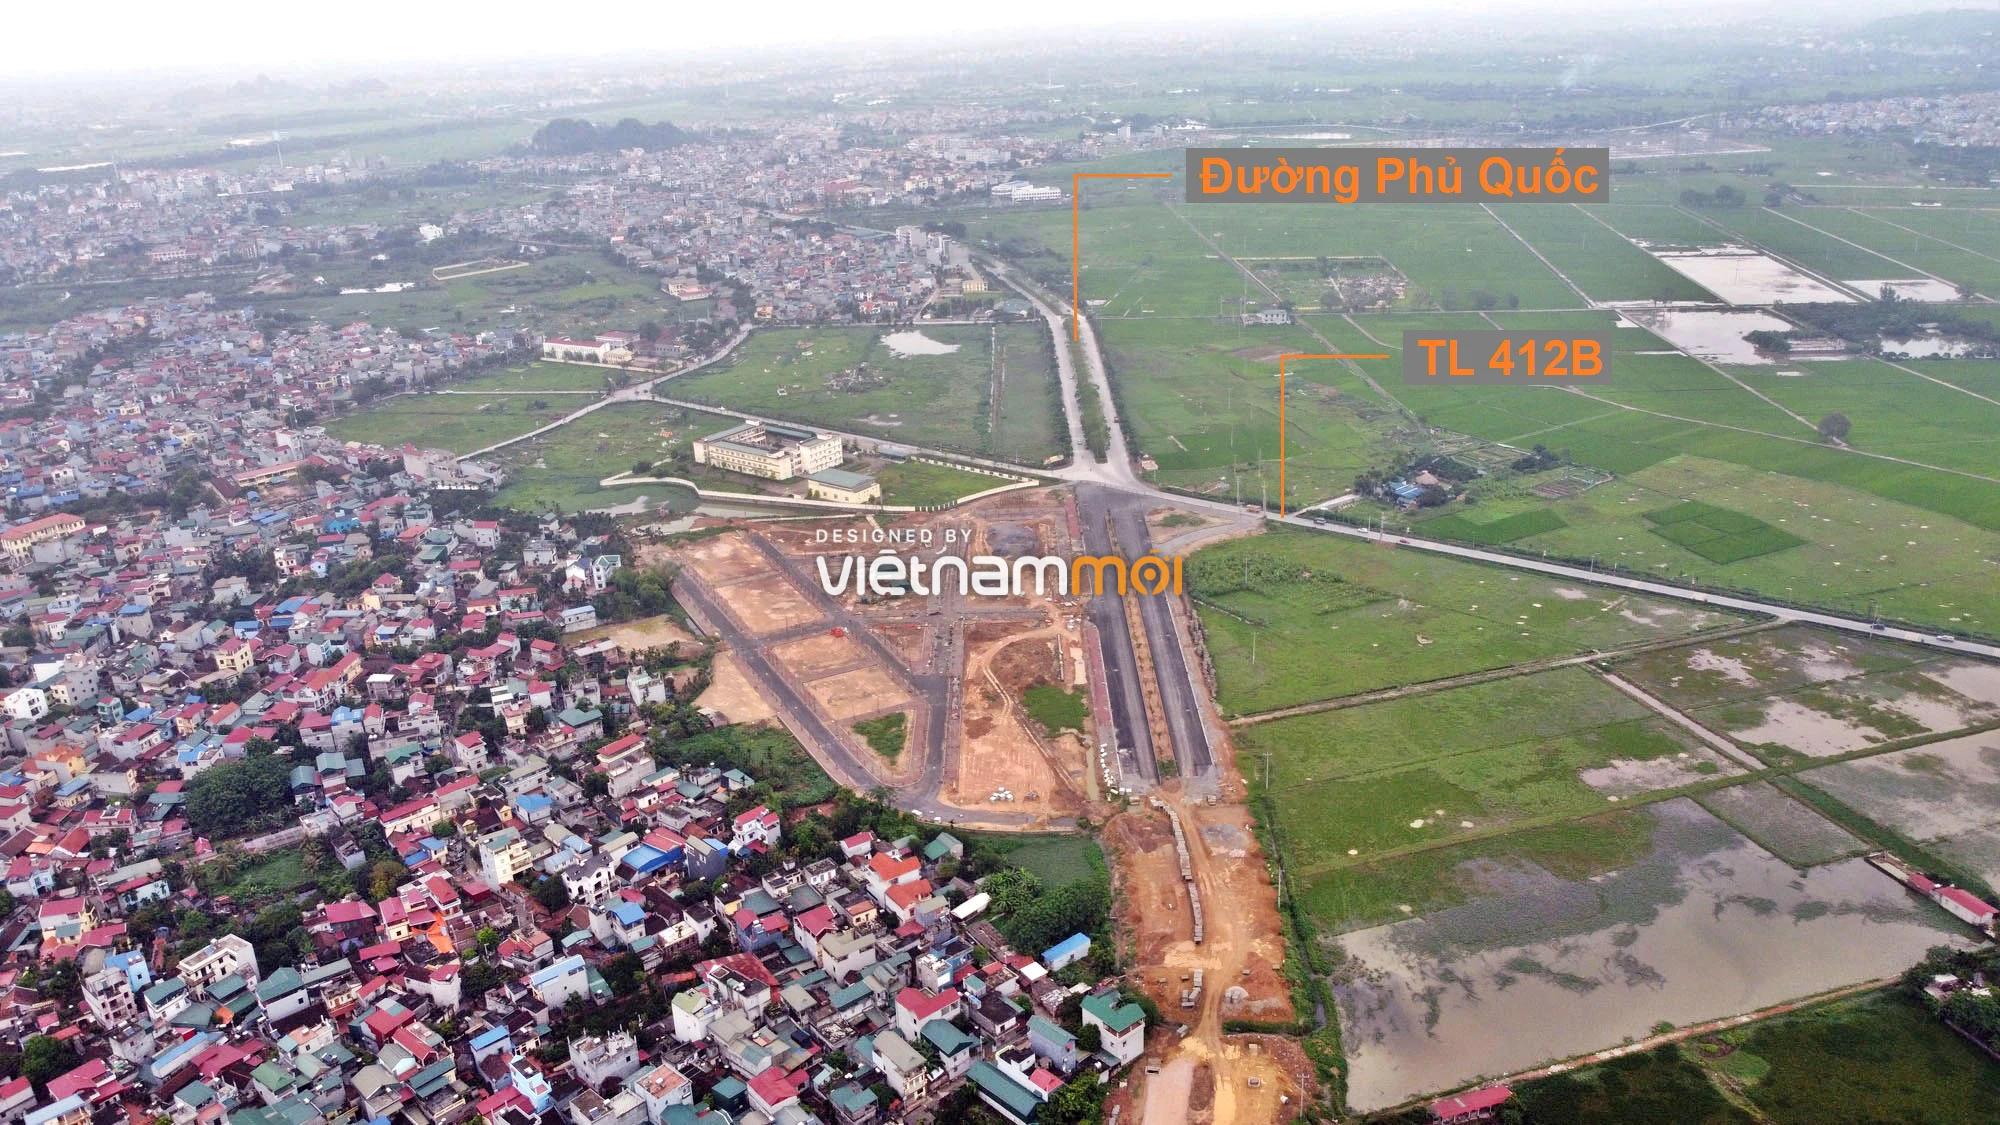 Toàn cảnh đường trục chính Bắc - Nam KĐT Quốc Oai kéo dài đang mở theo quy hoạch ở Hà Nội - Ảnh 15.